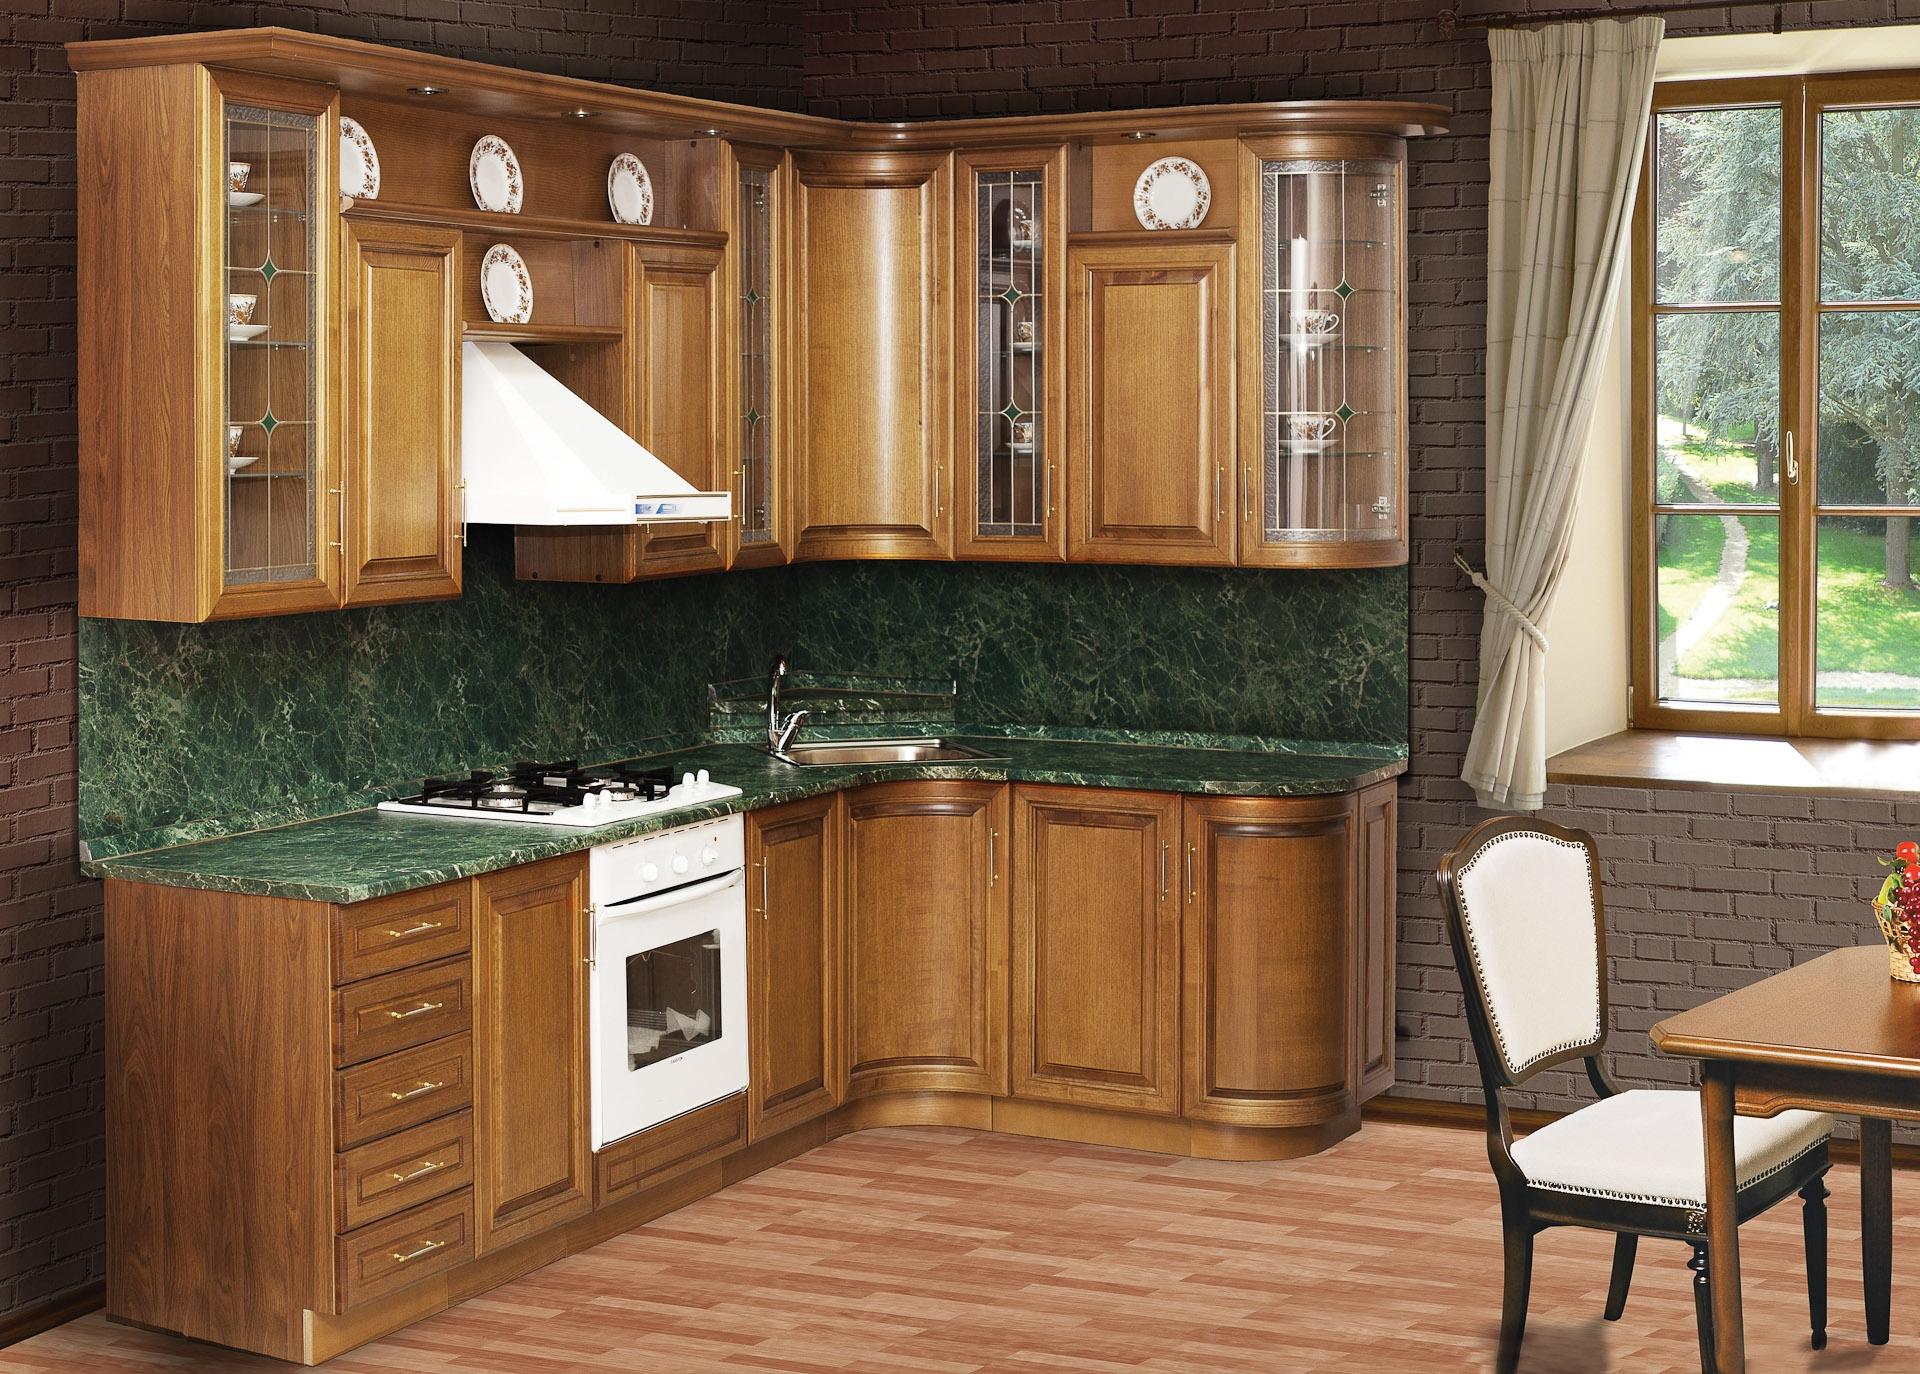 Фасад кухни, облицованный строганым шпоном ясеня, покрыт лаком.